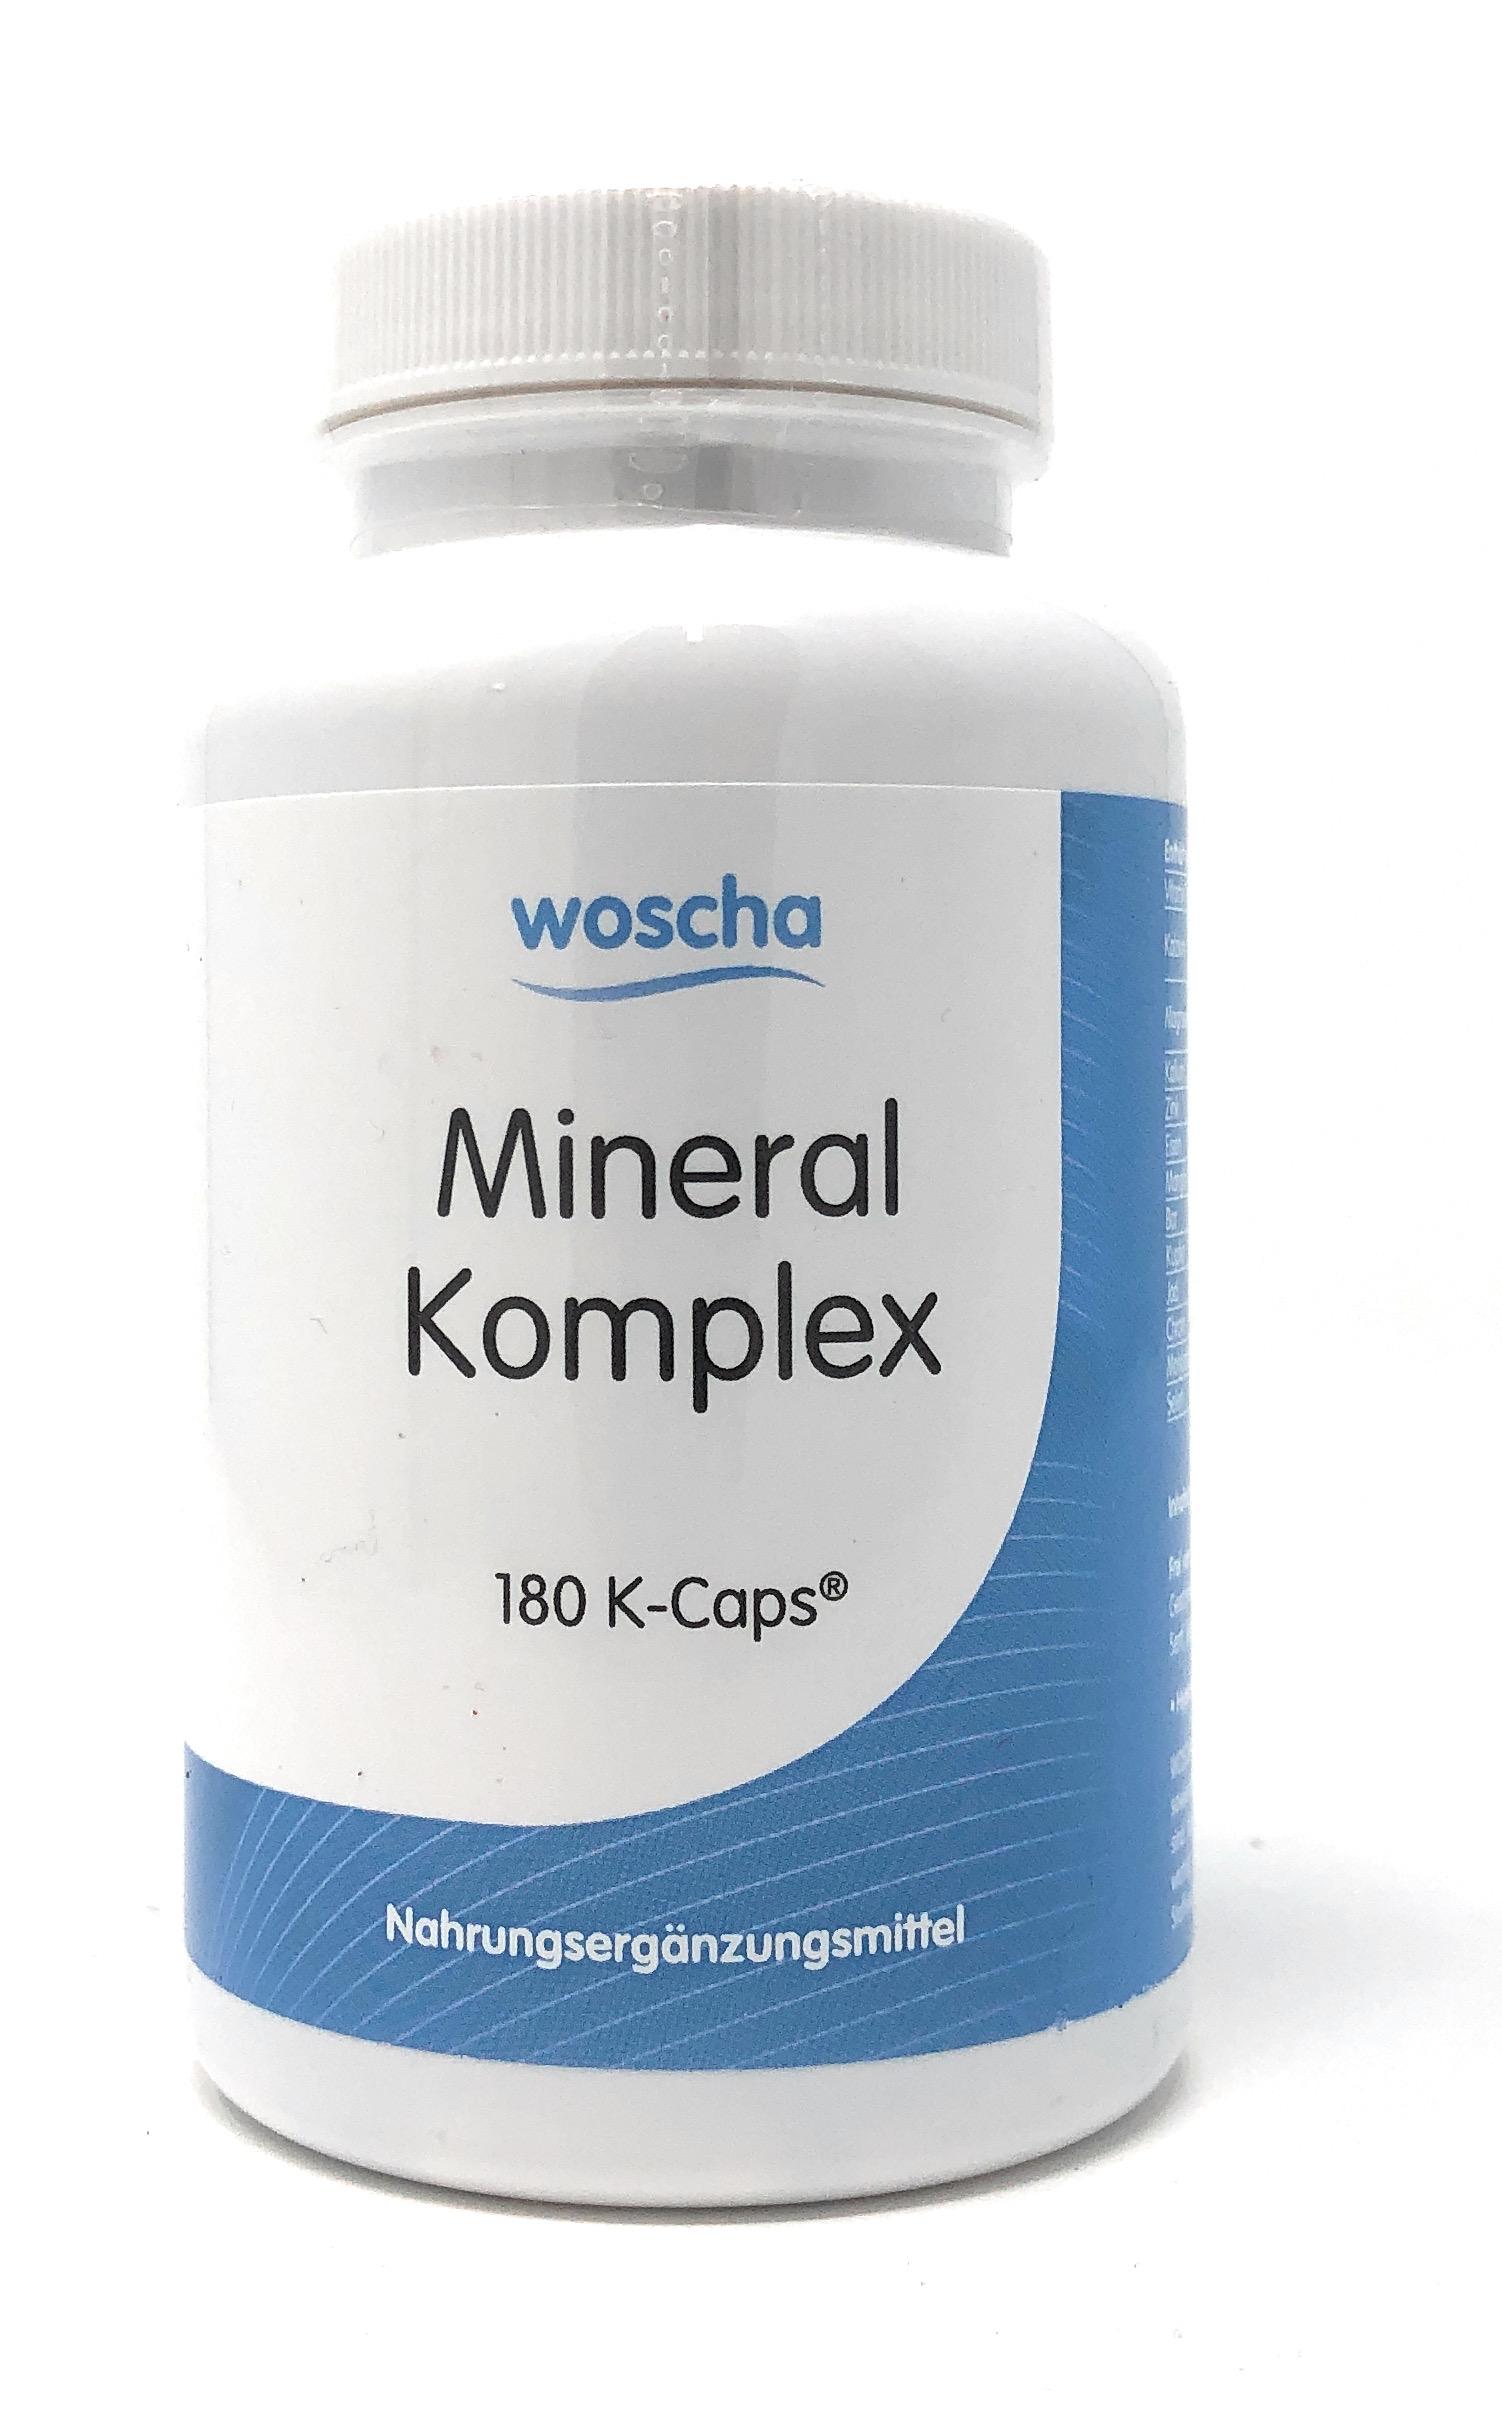 woscha Mineral Komplex 180 veg.Kapseln (K-Caps) (141g)